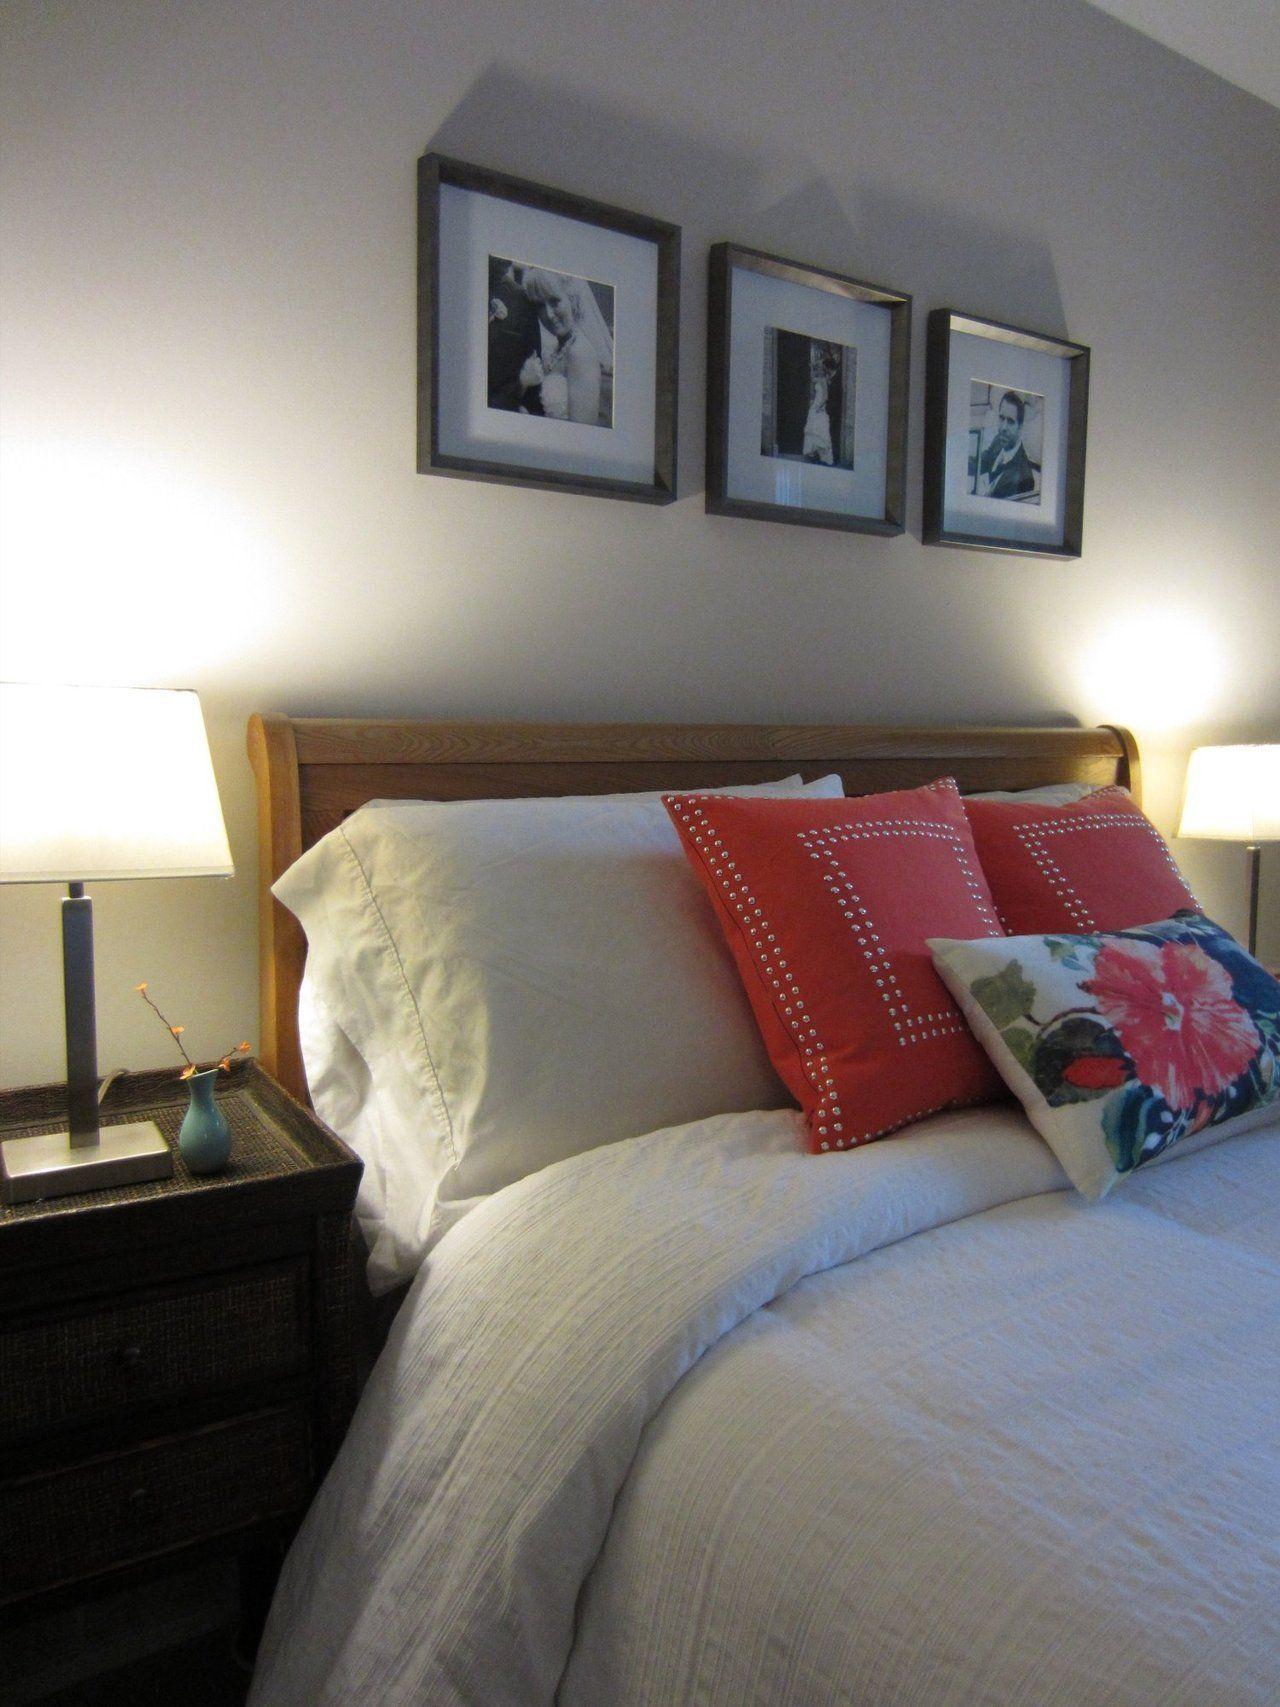 cadres du mariage au dessus du lit, belle photos noir et blanc, j'aime beaucoup